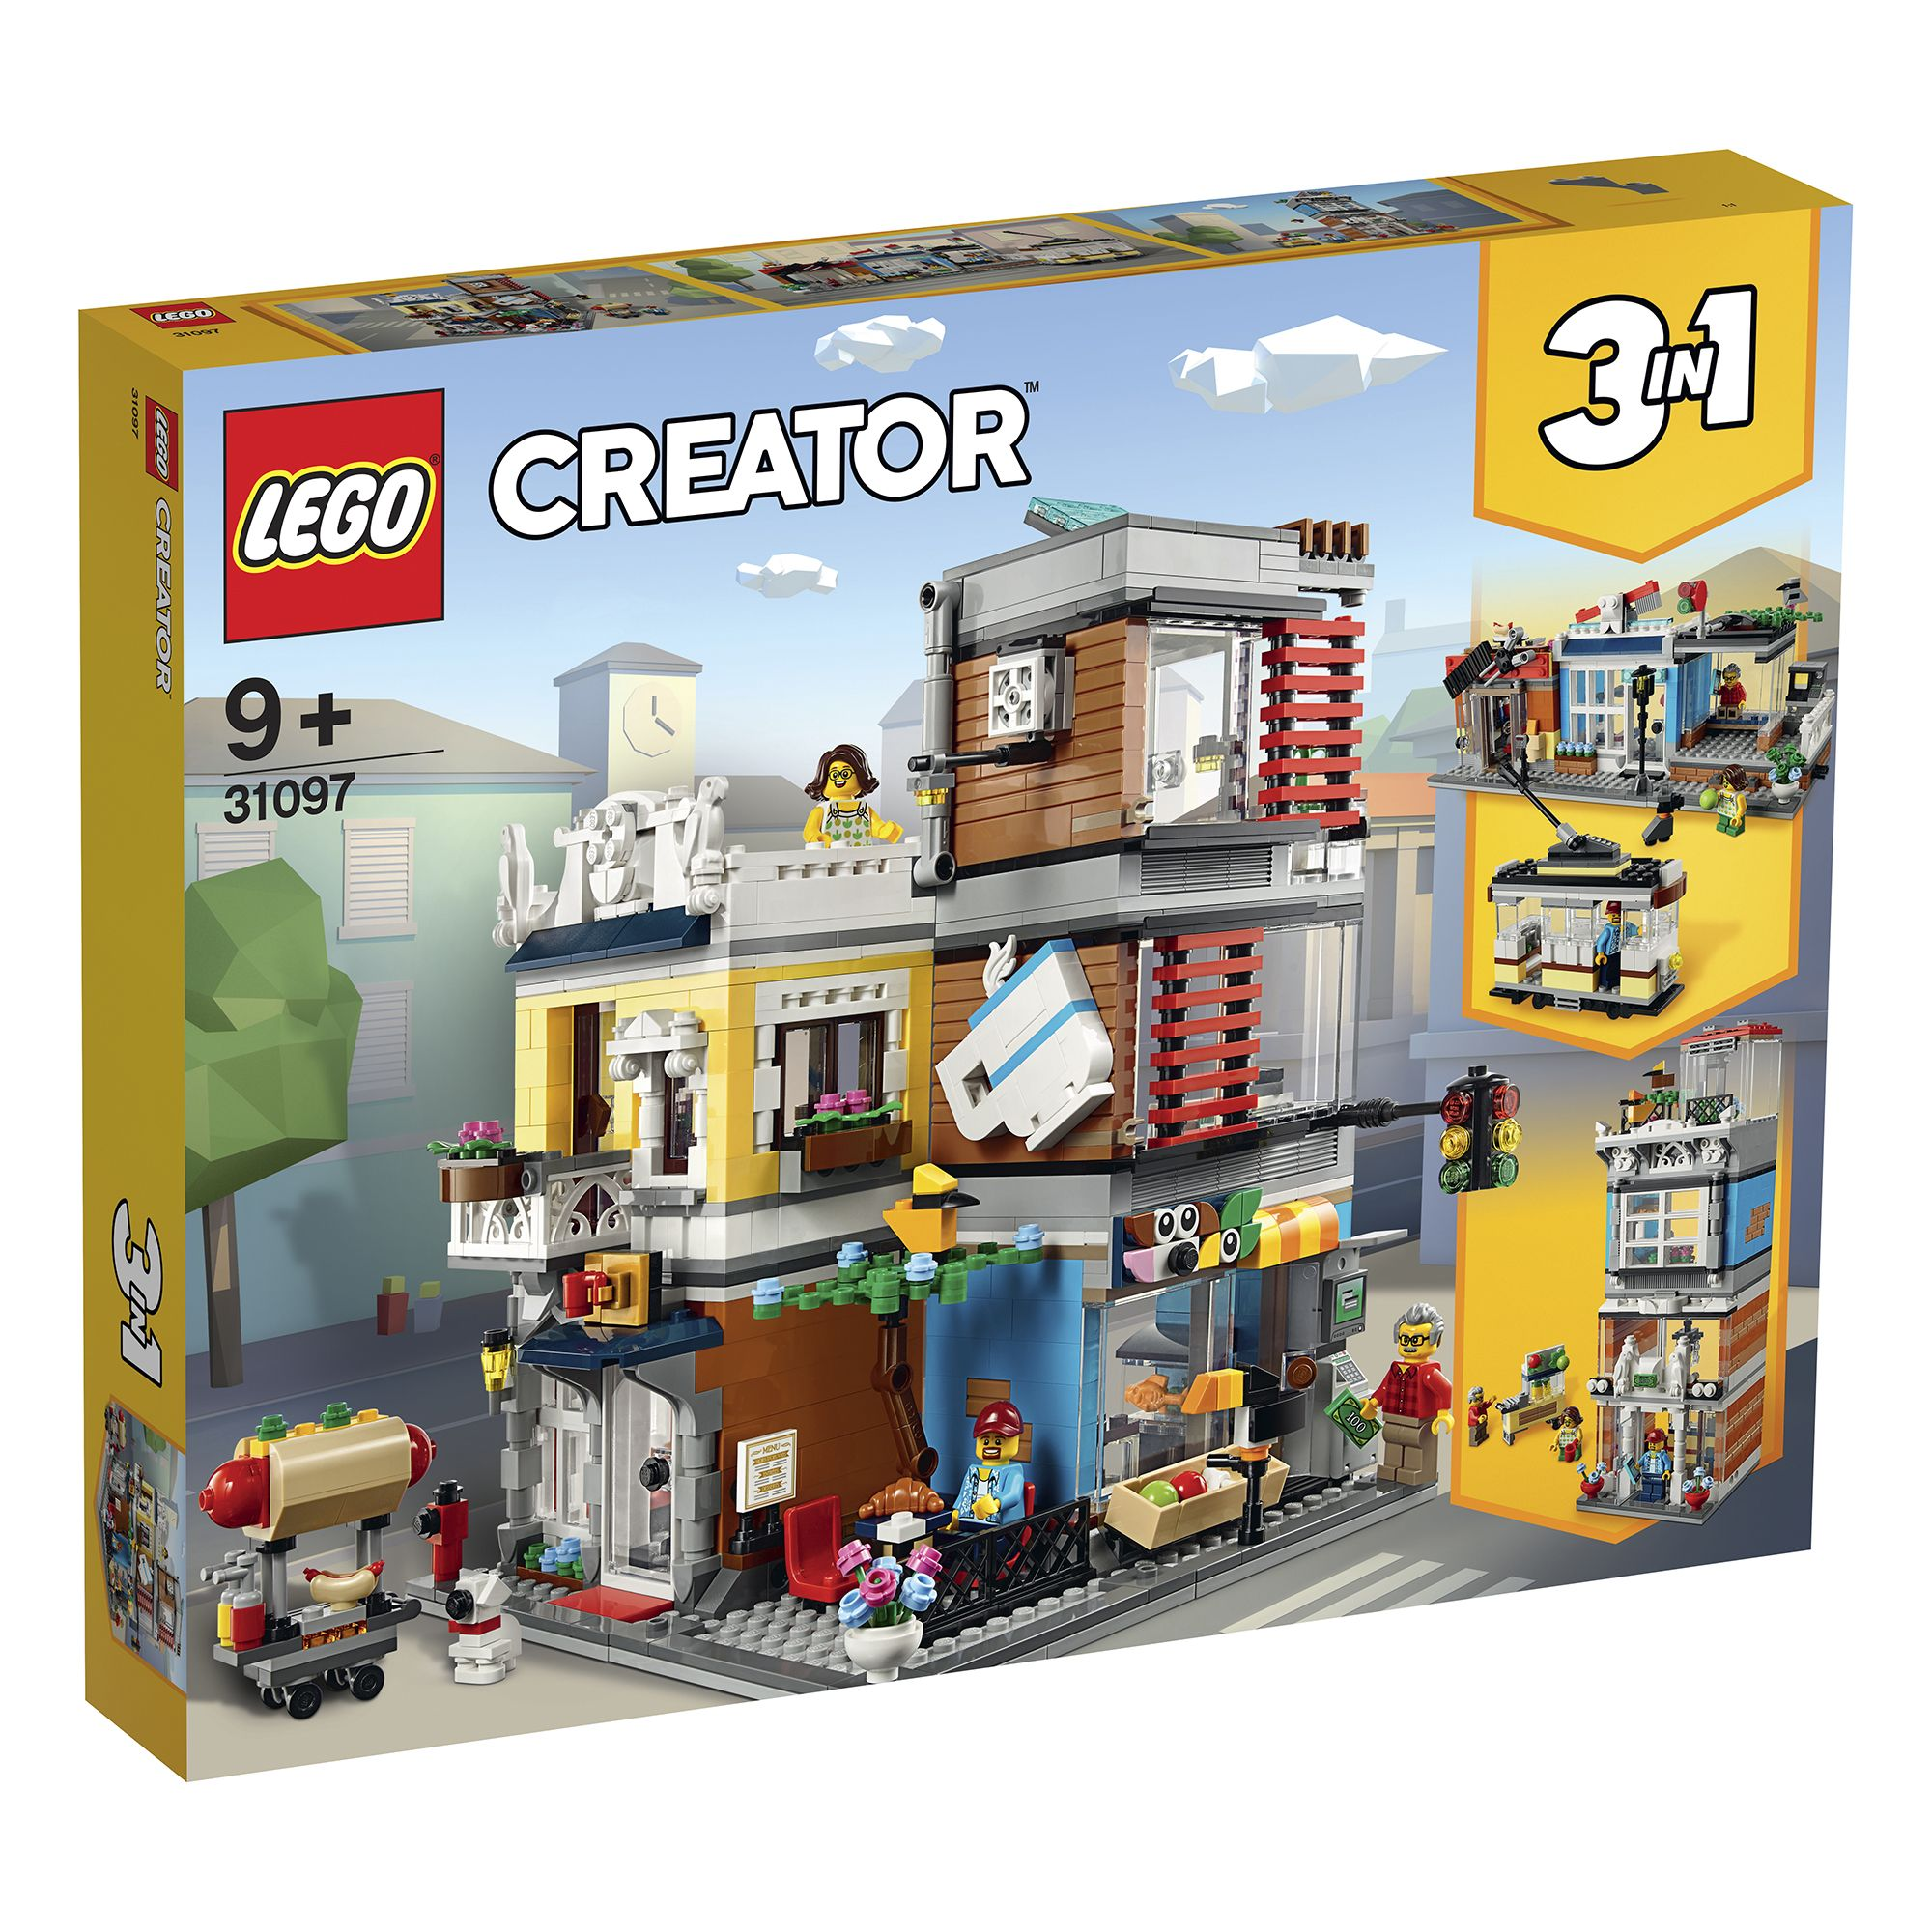 Magazin de animale si cafenea (31097) | LEGO